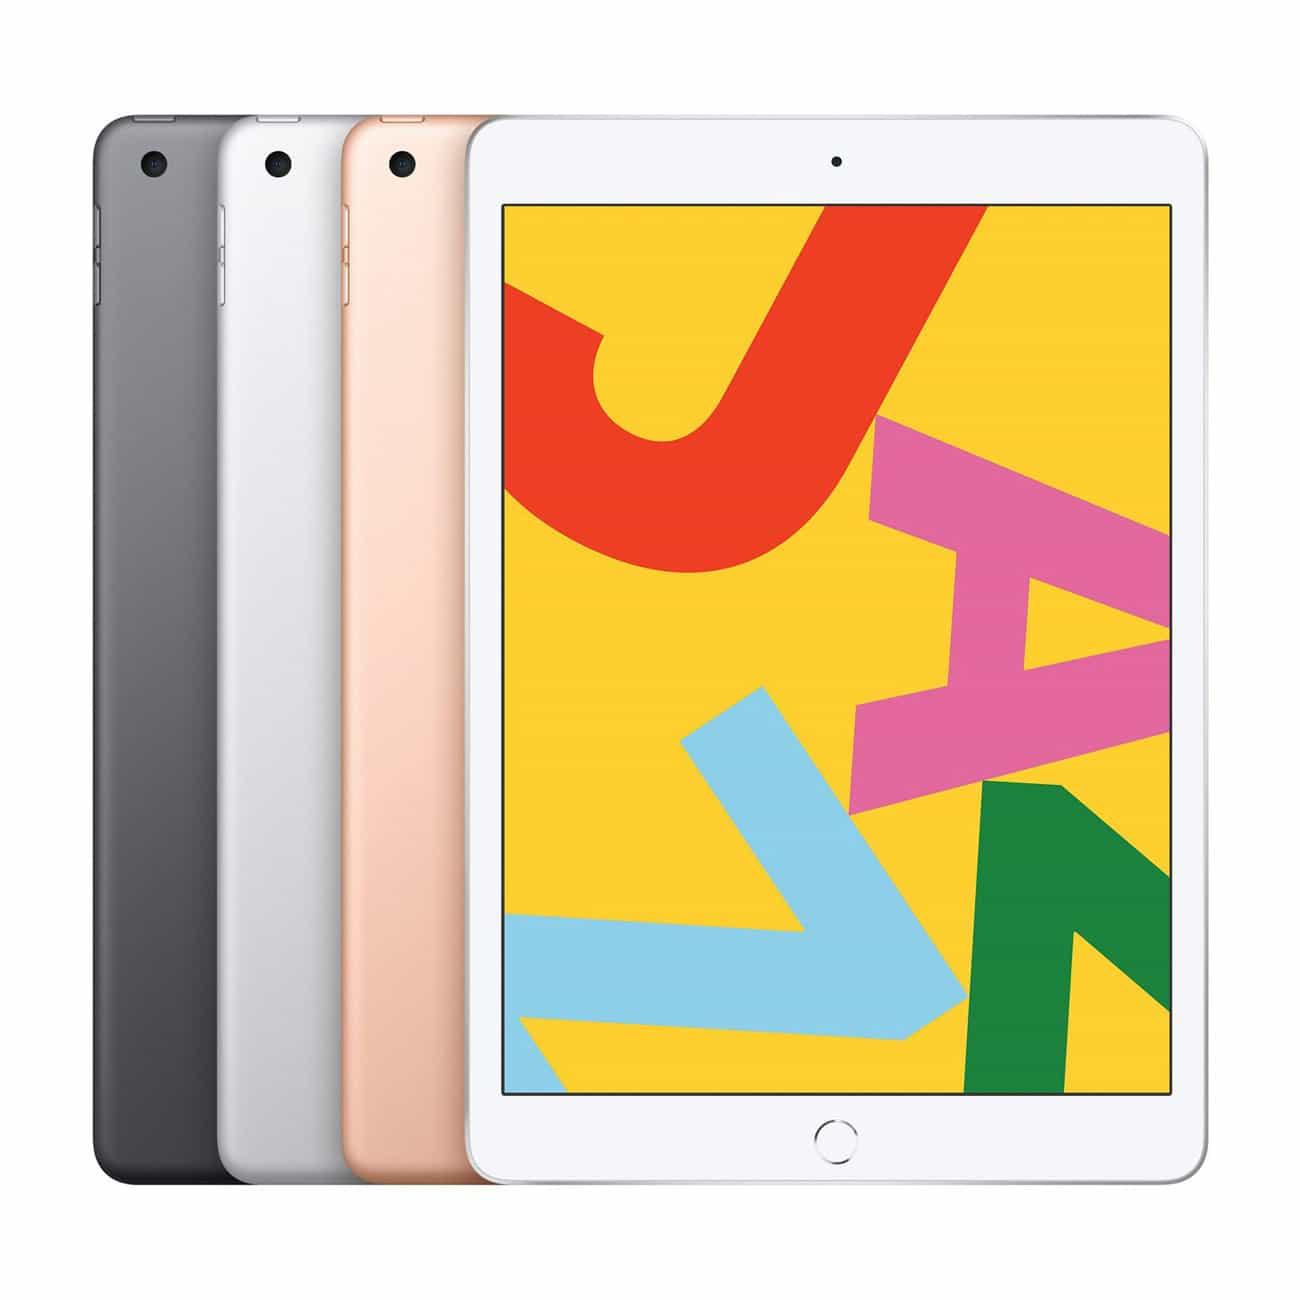 iPad 7th Gen family - category